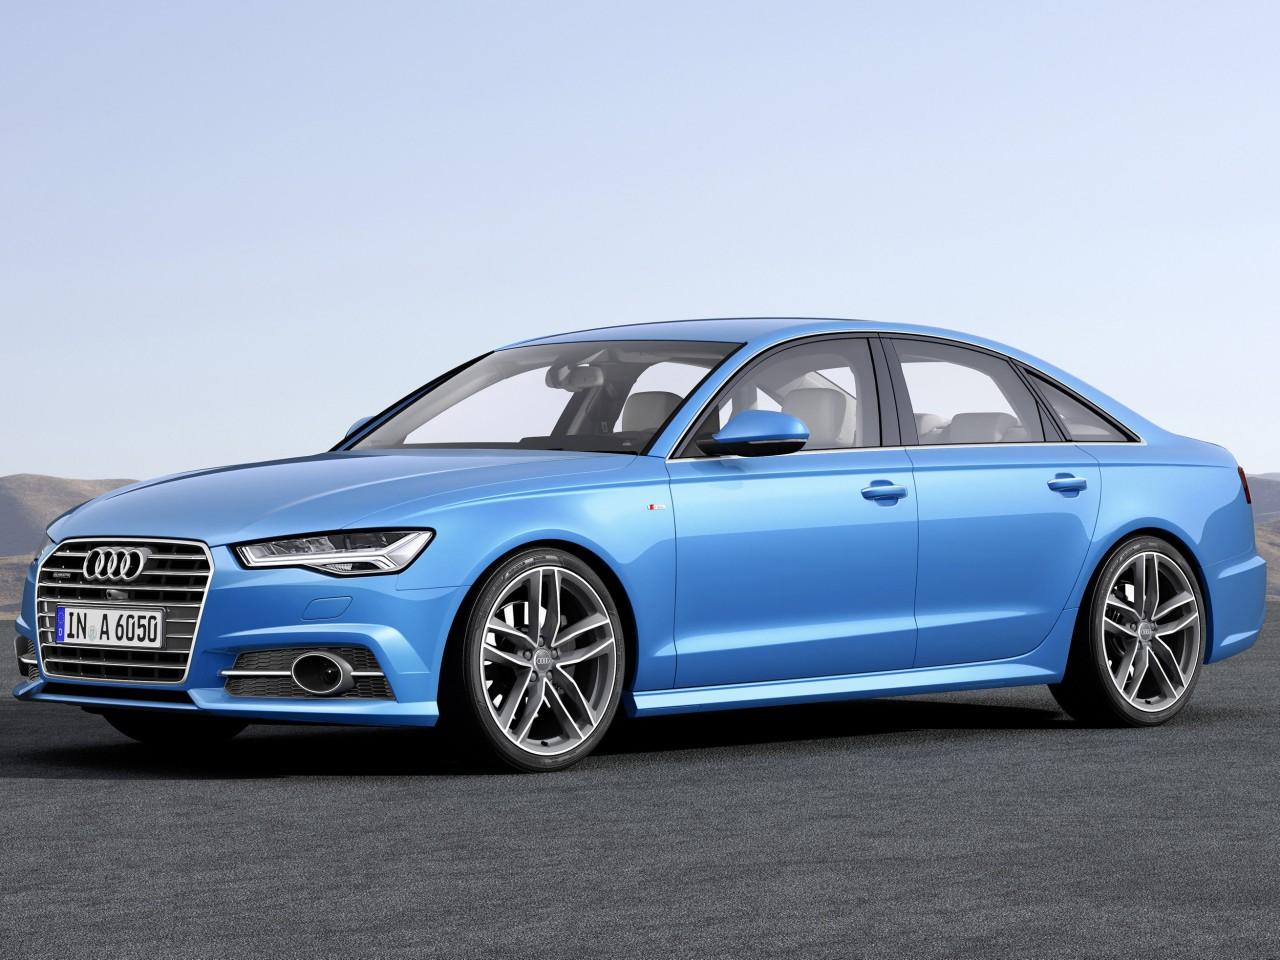 アウディ A6 2011年モデル 新車画像